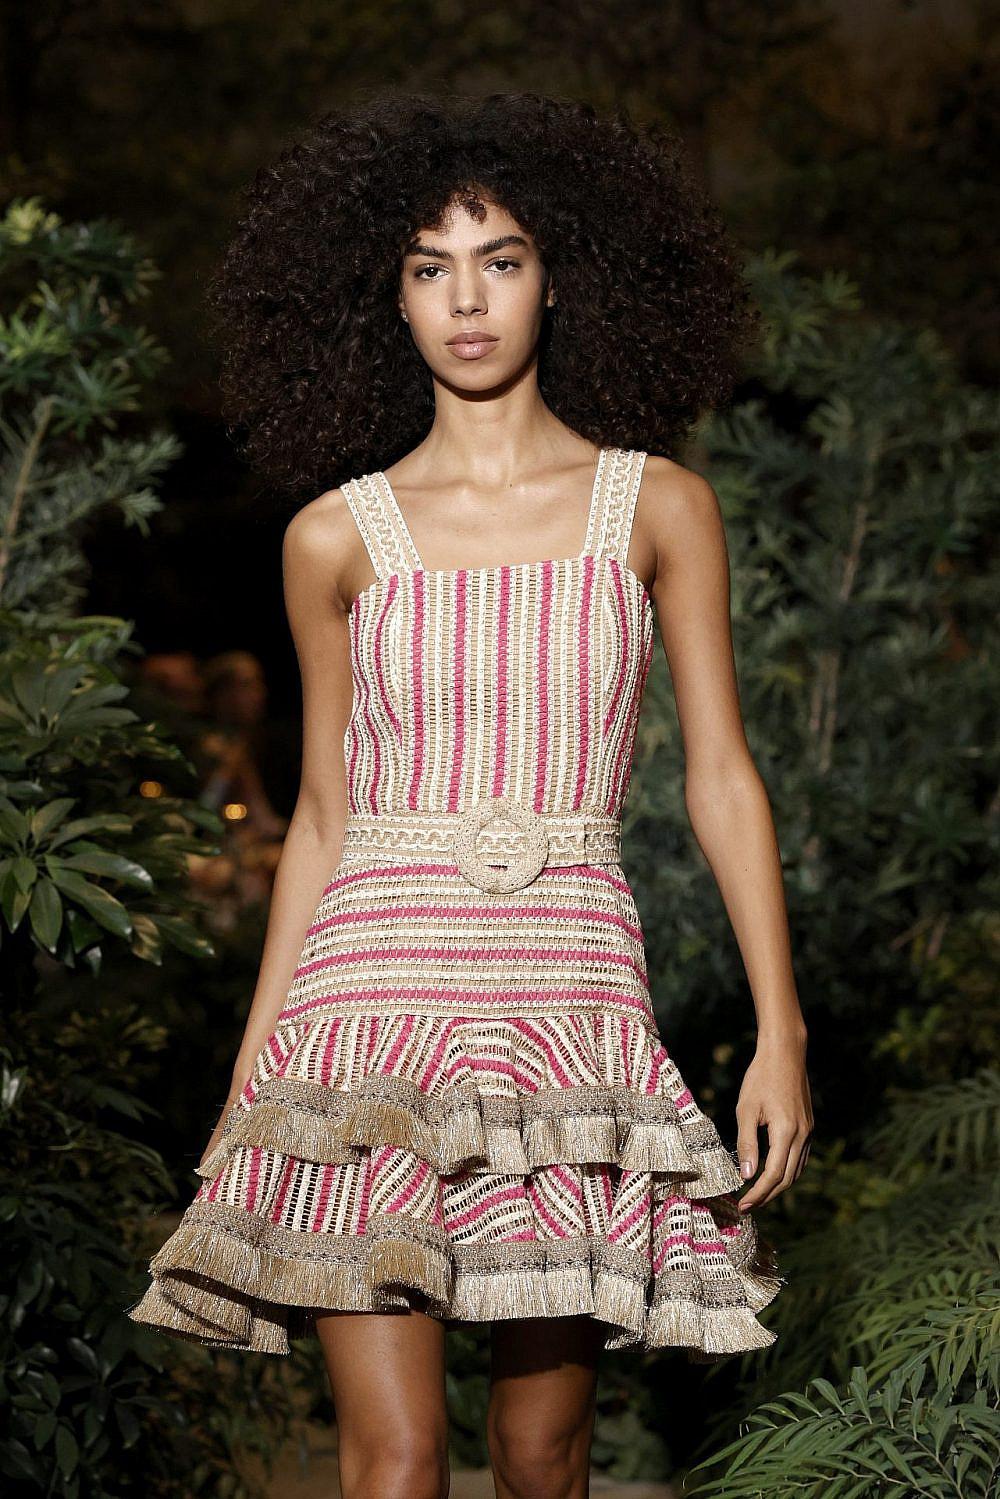 הדוגמנית איב ספדי בשבוע האופנה בניו יורק  צילום: GettyImages